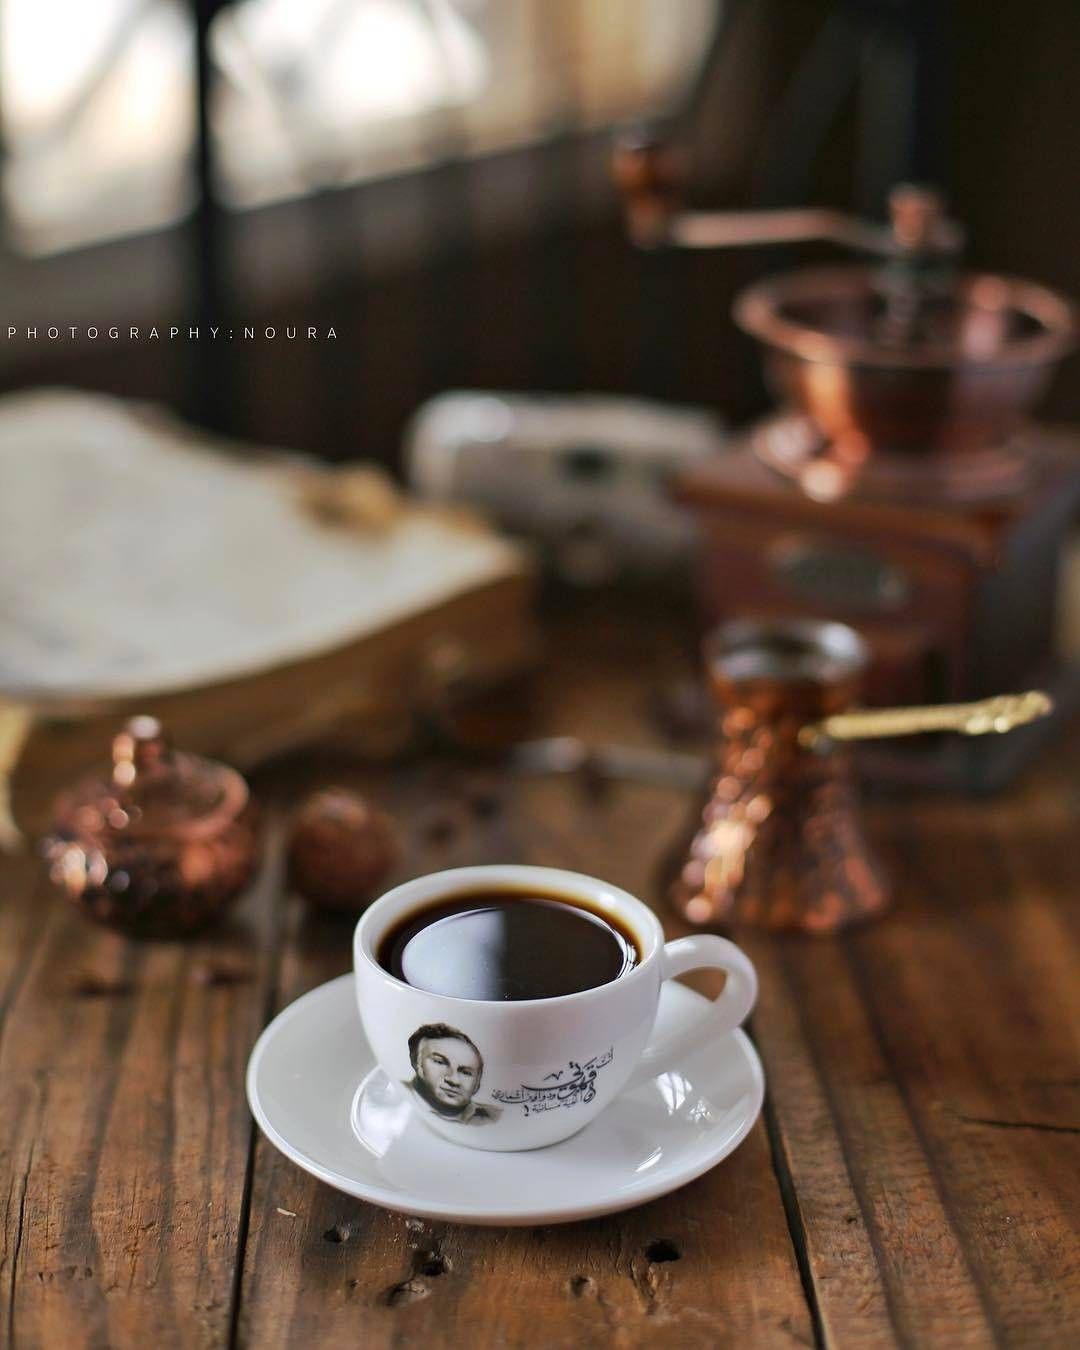 ㅤ صباح الـ دعاء المستجاب و فنجان قهوة يذكرني بك ㅤ By 1nx ㅤ ㅤ التقييم مـن 5 ㅤㅤㅤㅤ تـاقـزات لنشر صوركم الجميلة مع كلمات تلامس Tableware Glassware Food